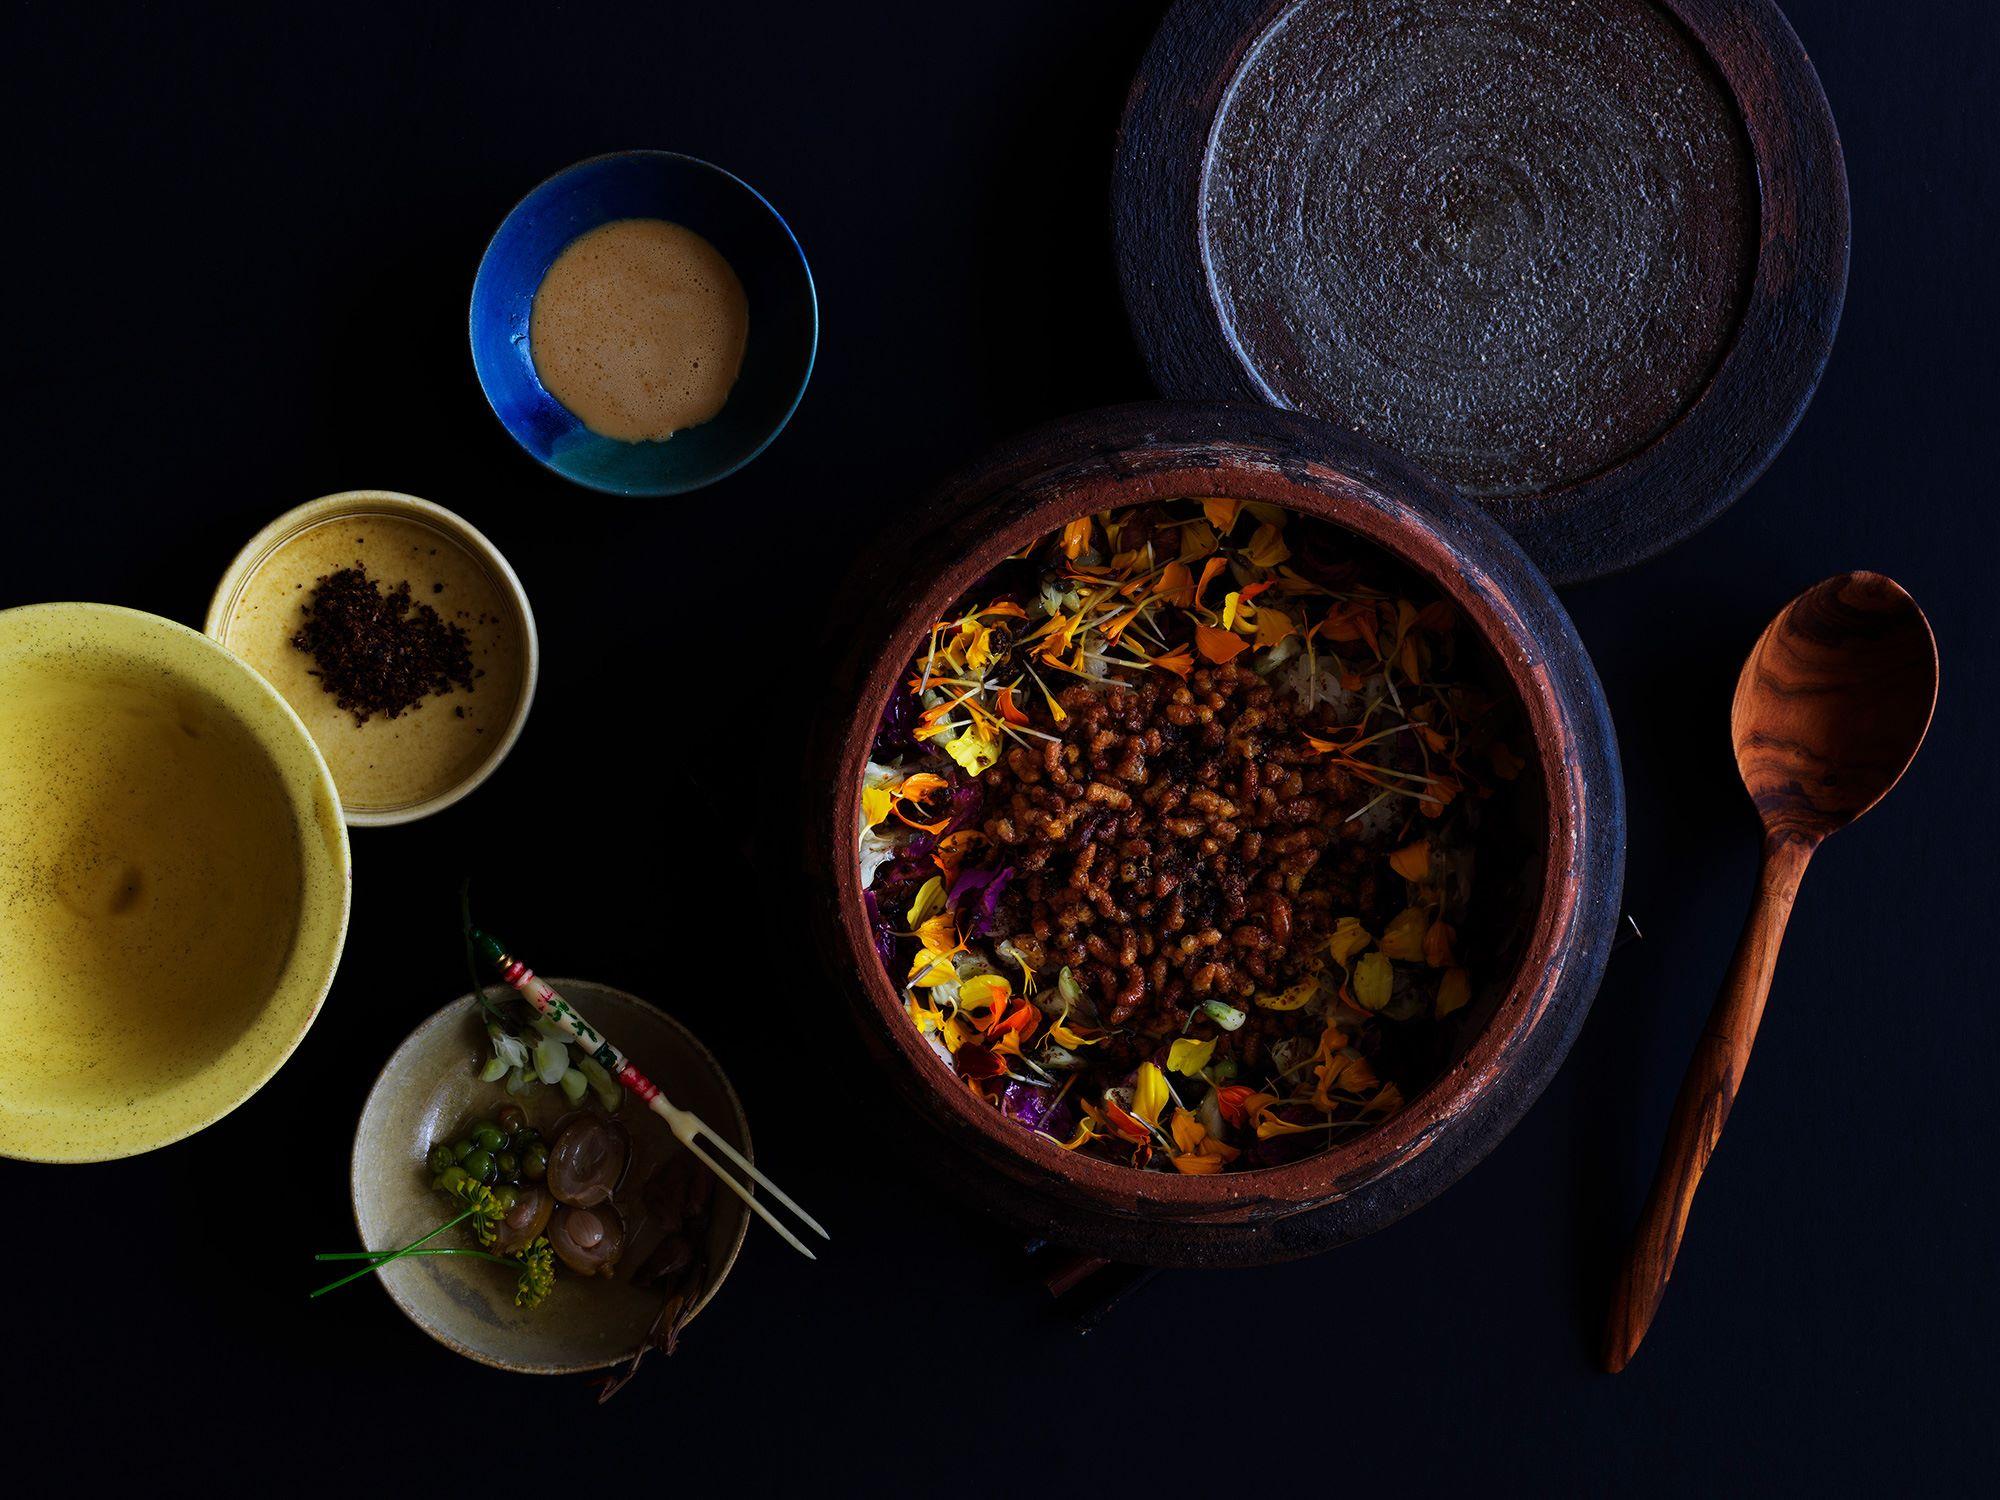 INUAの料理の中でも最も印象的だったと語る人の多い、蜂の子をのせたご飯。Photography Jason Loucas